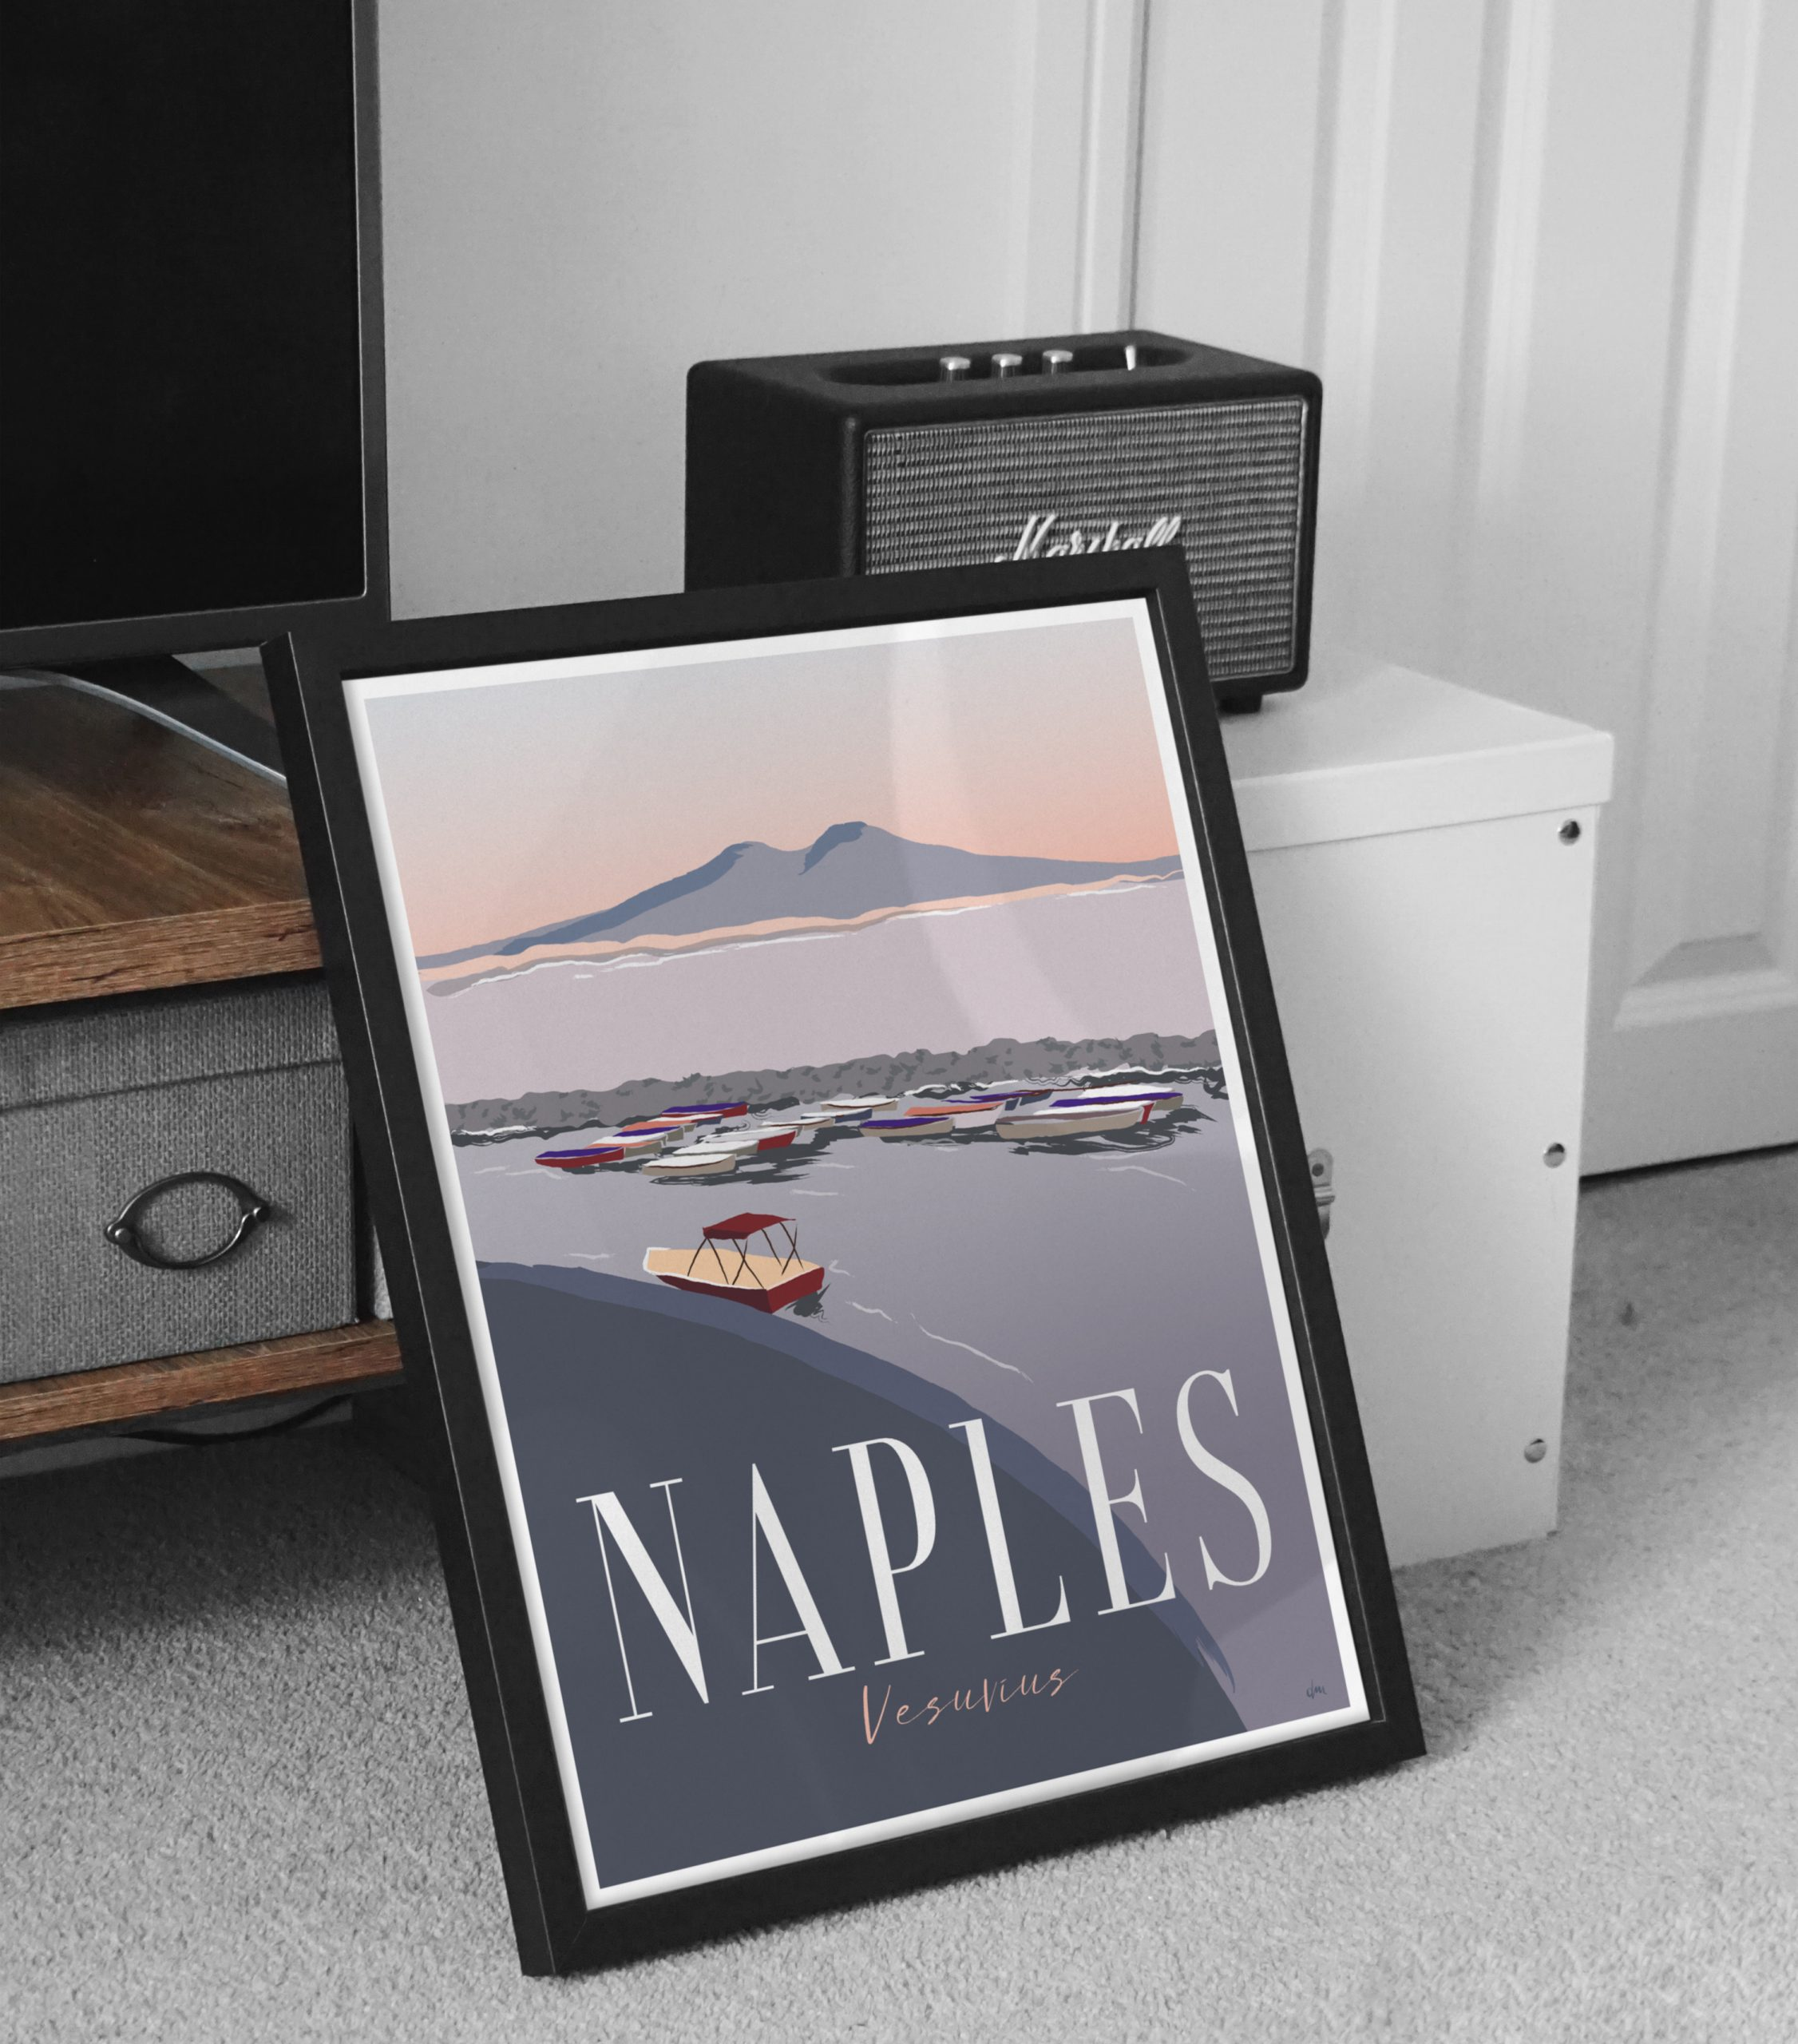 Reiseplakat Neapel